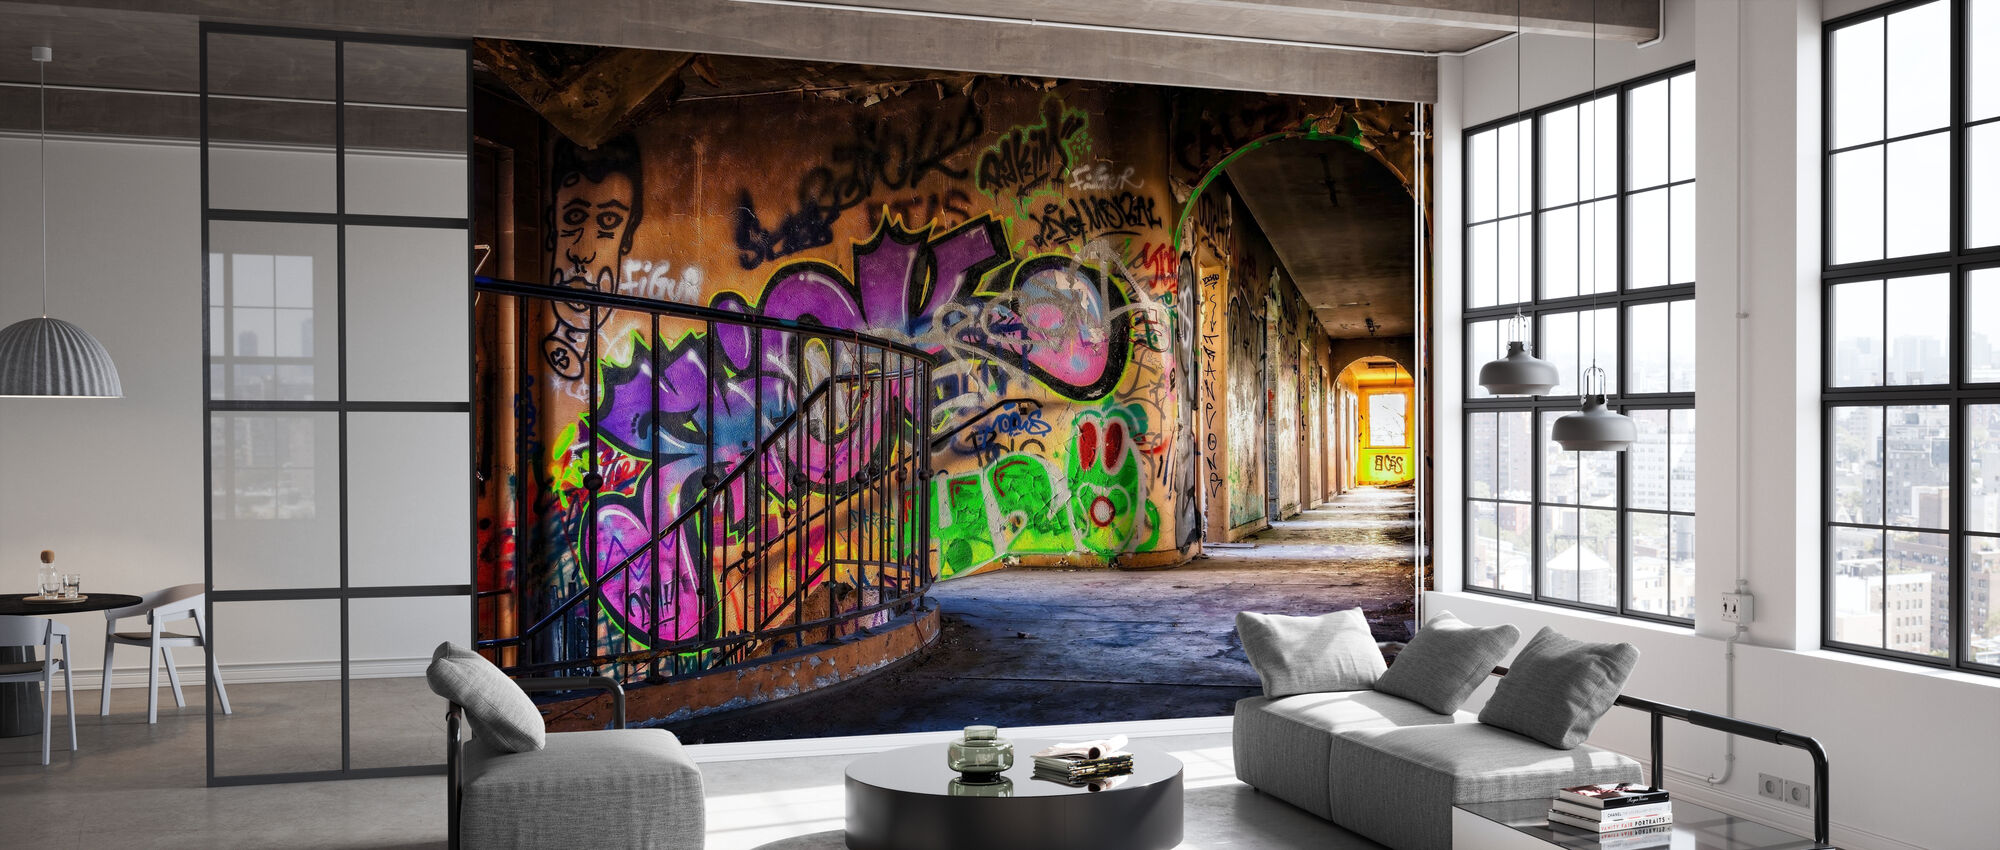 Colorful Grafitti - Wallpaper - Office